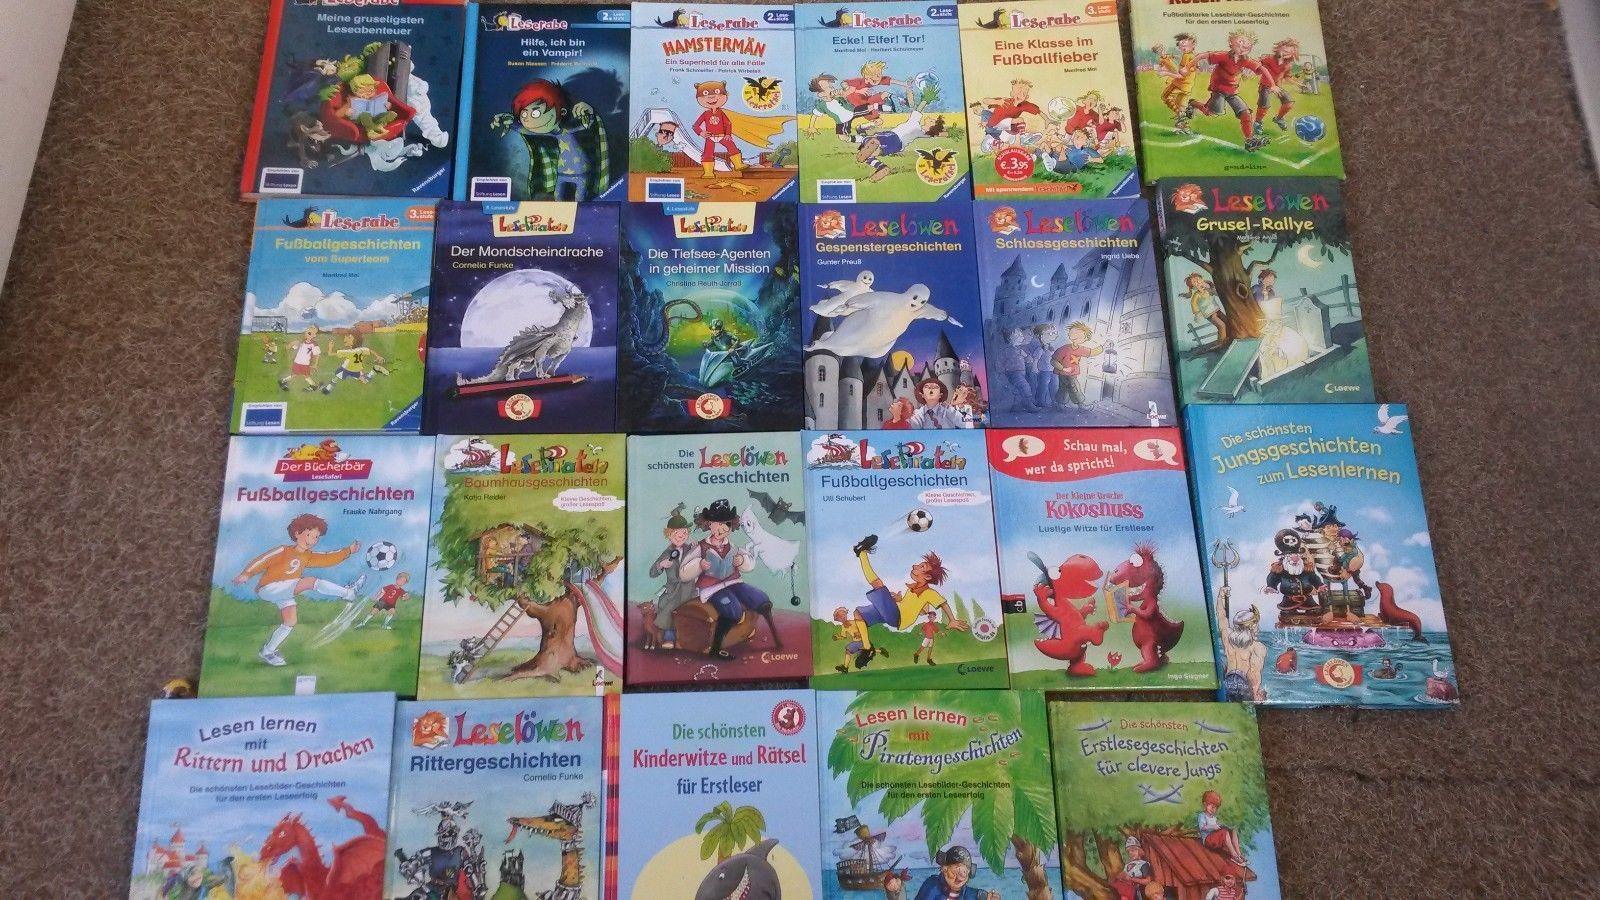 Kinder Lesebücher - Paket - 23 Stück - Verschiedene Lesestufen - Top!